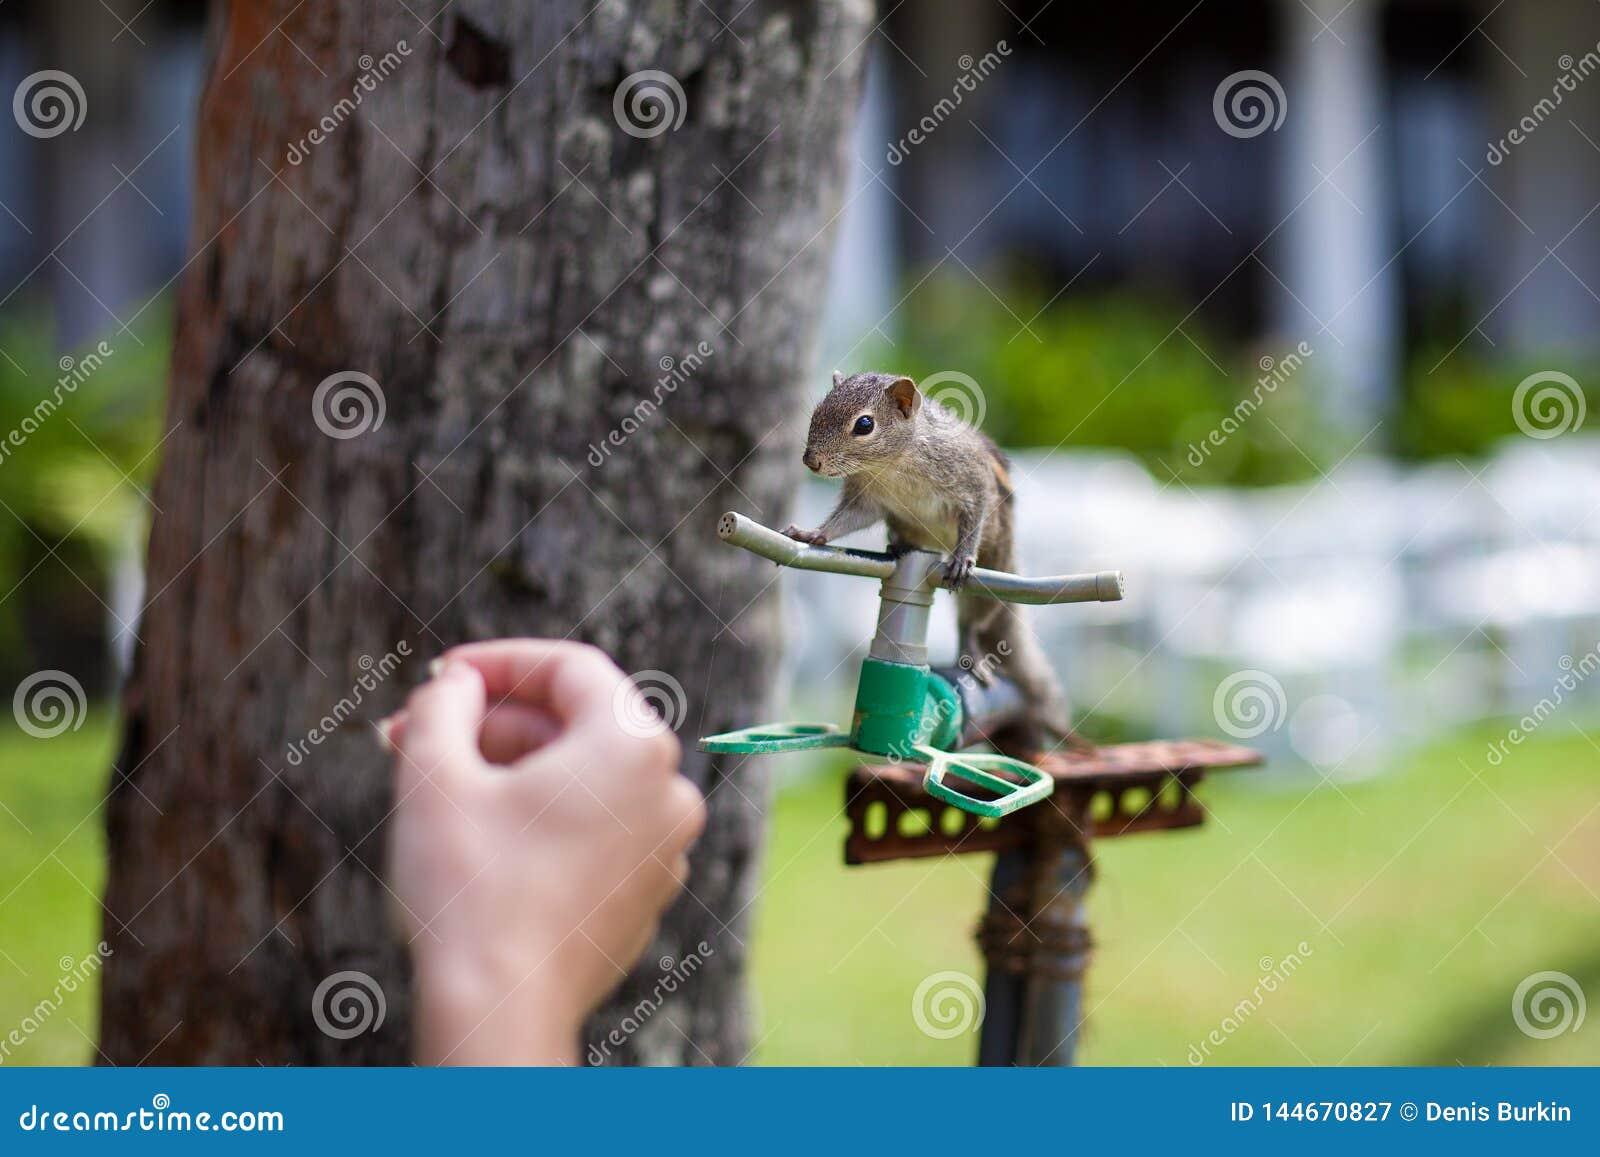 Wiewiórka na drzewku palmowym w górę próbować pić wodę od systemu irygacyjnego hotel